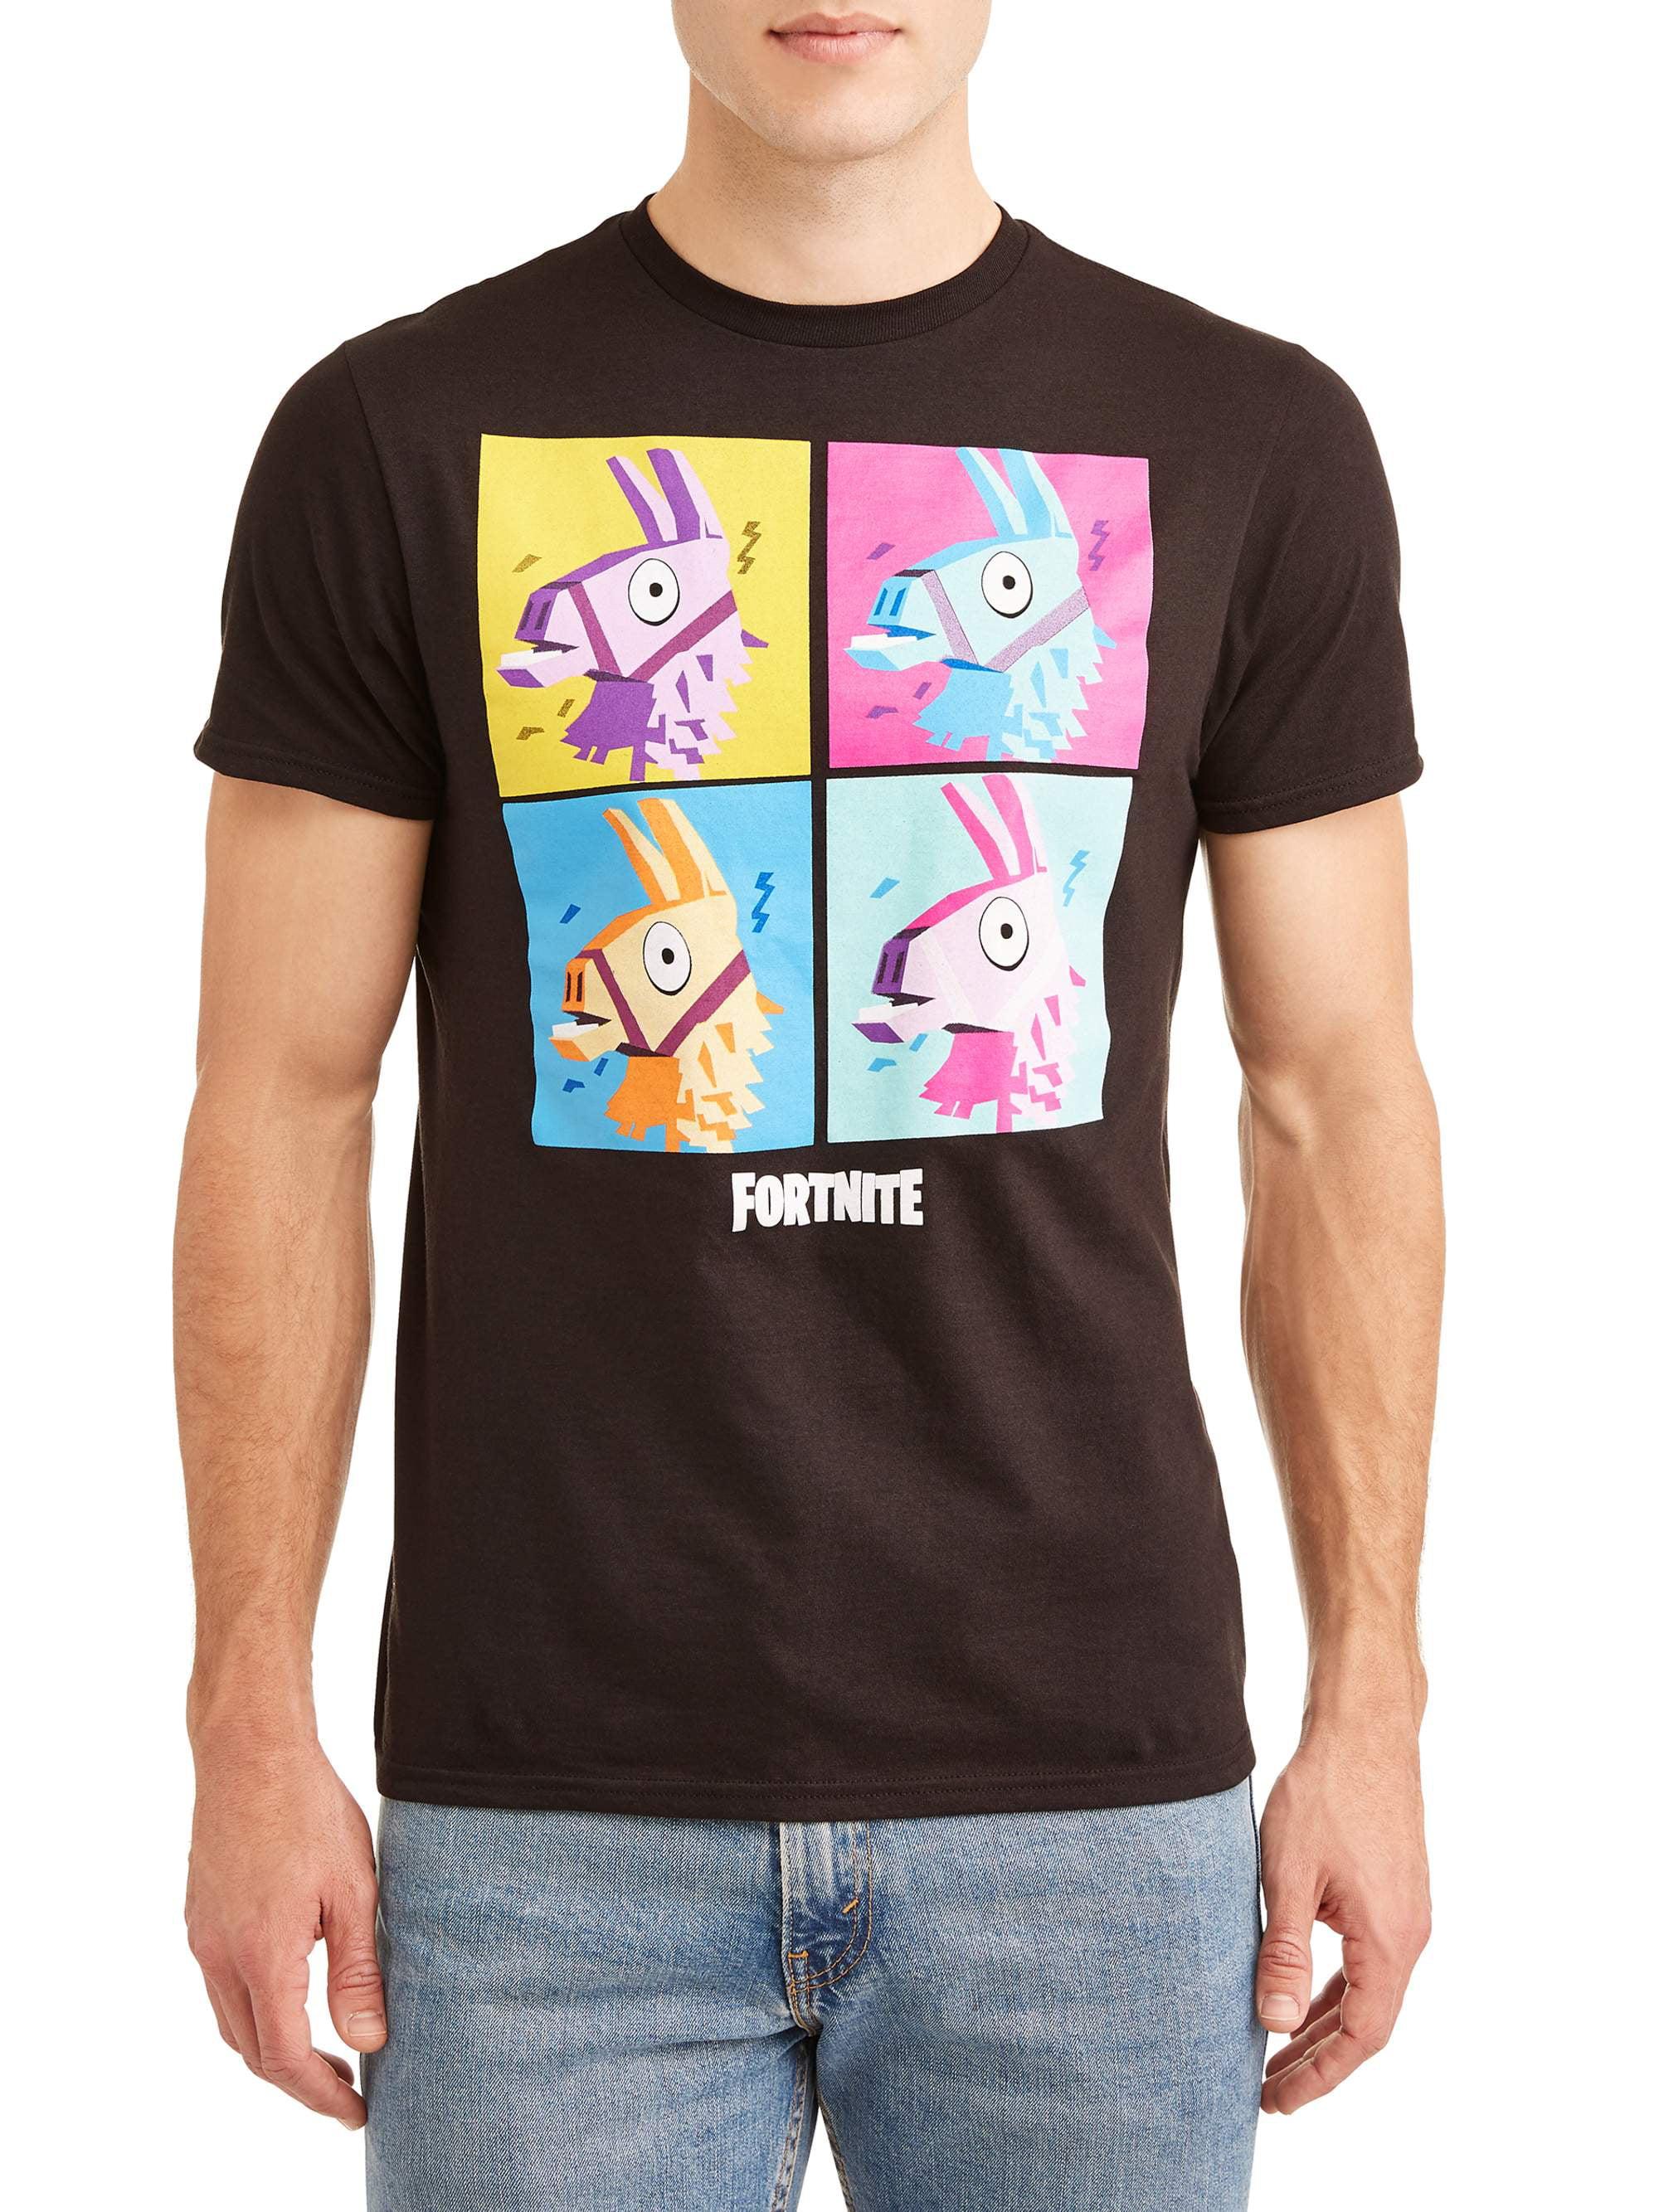 3D Printed T-Shirts Two Llamas Icon Short Sleeve Tops Tees